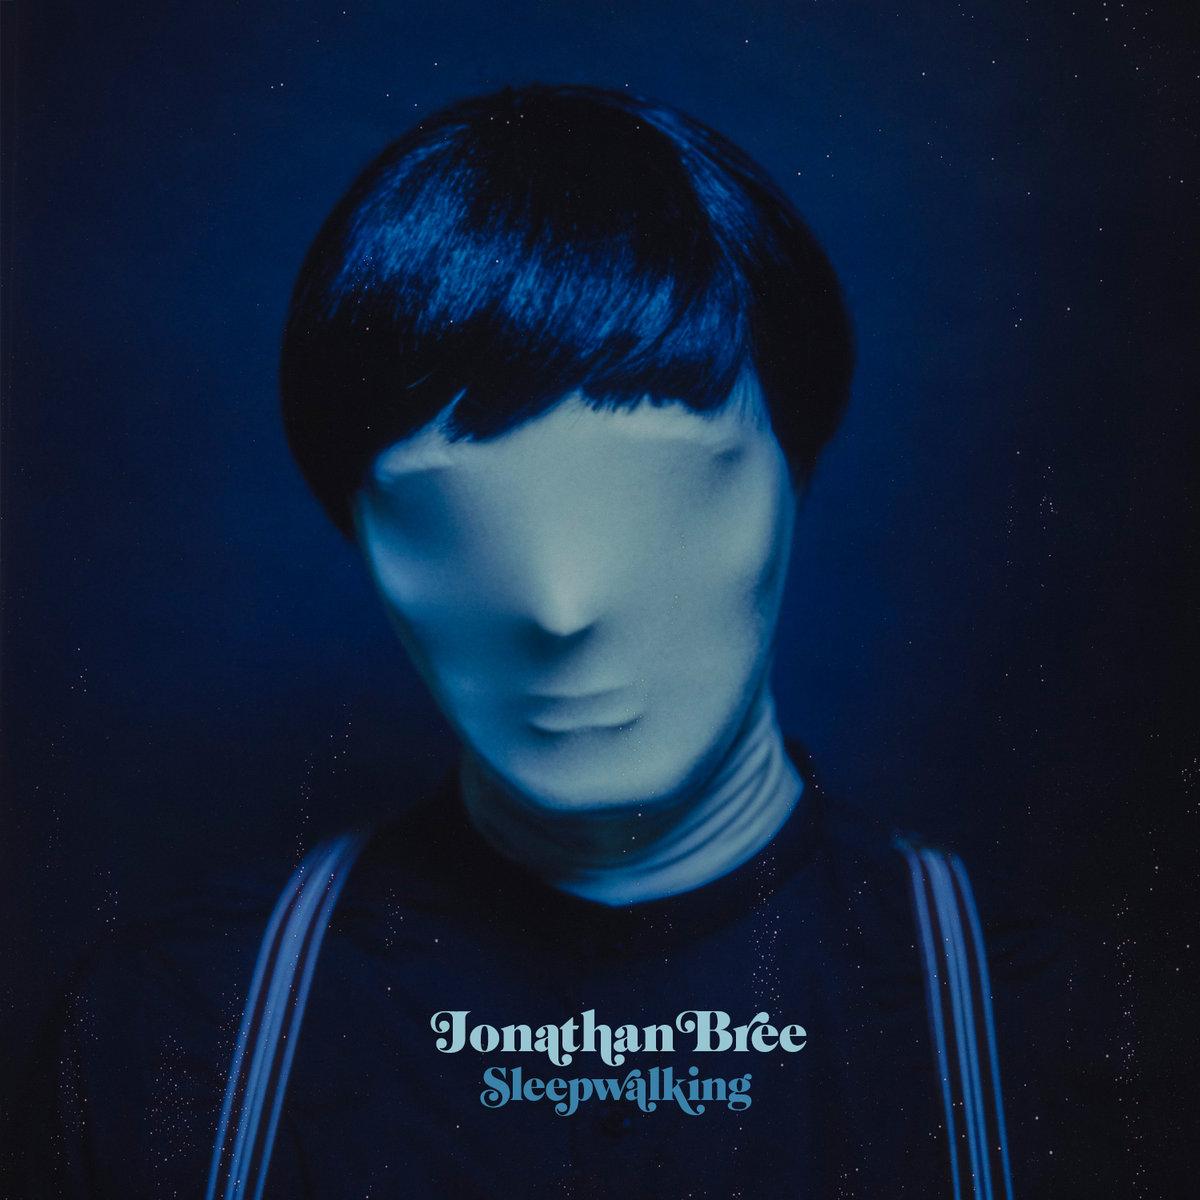 pochette de l'album Sleepwalking de Jonathan Bree